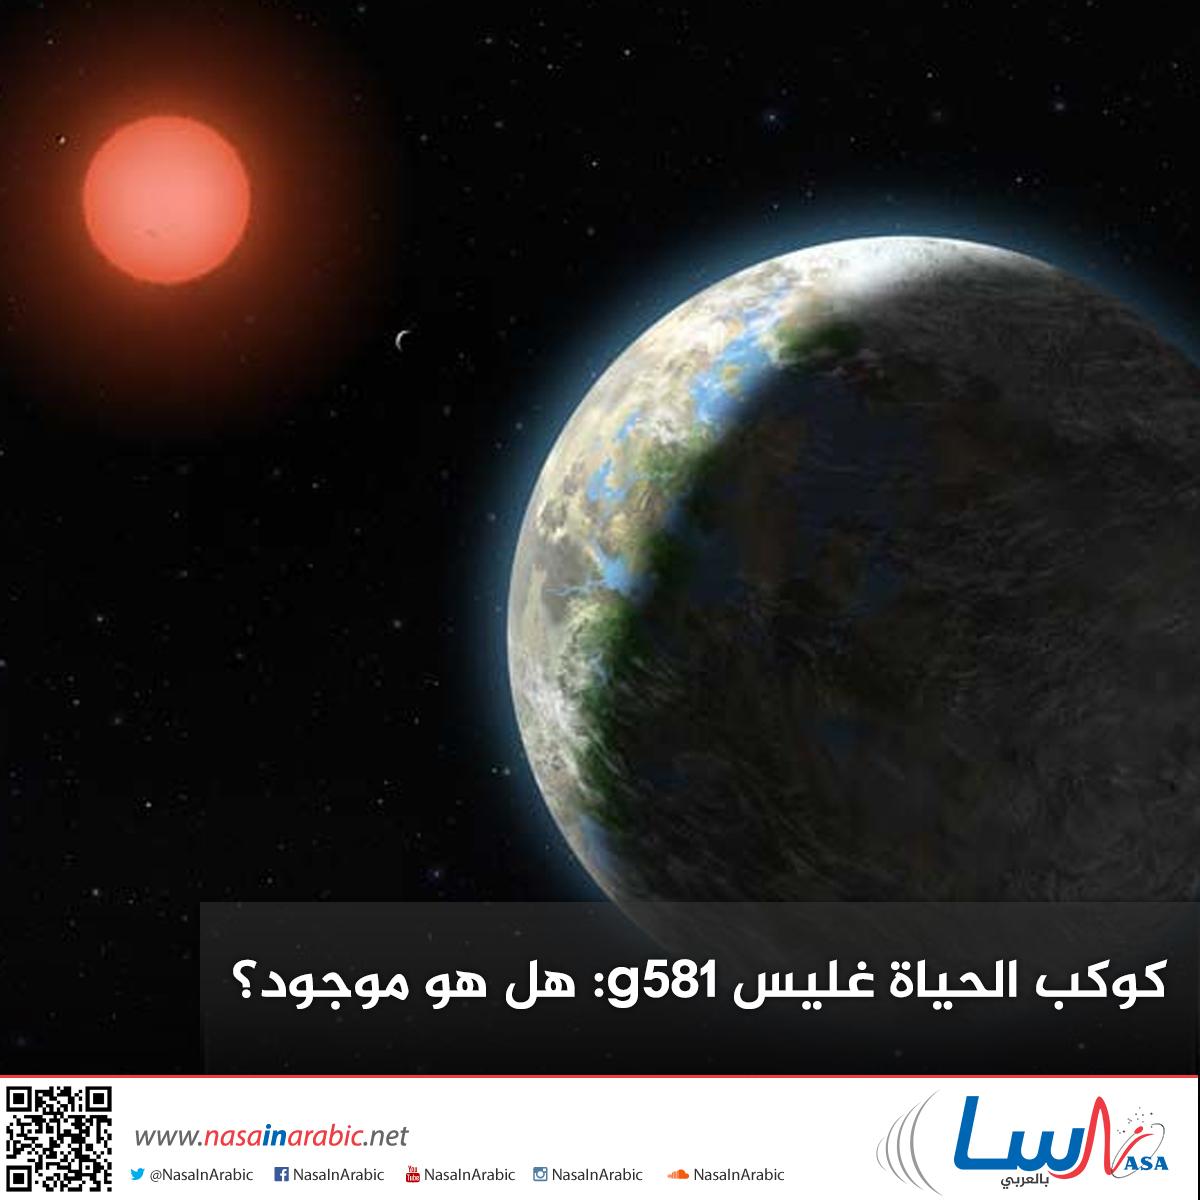 كوكب الحياة غليس g581: هل هو موجود؟